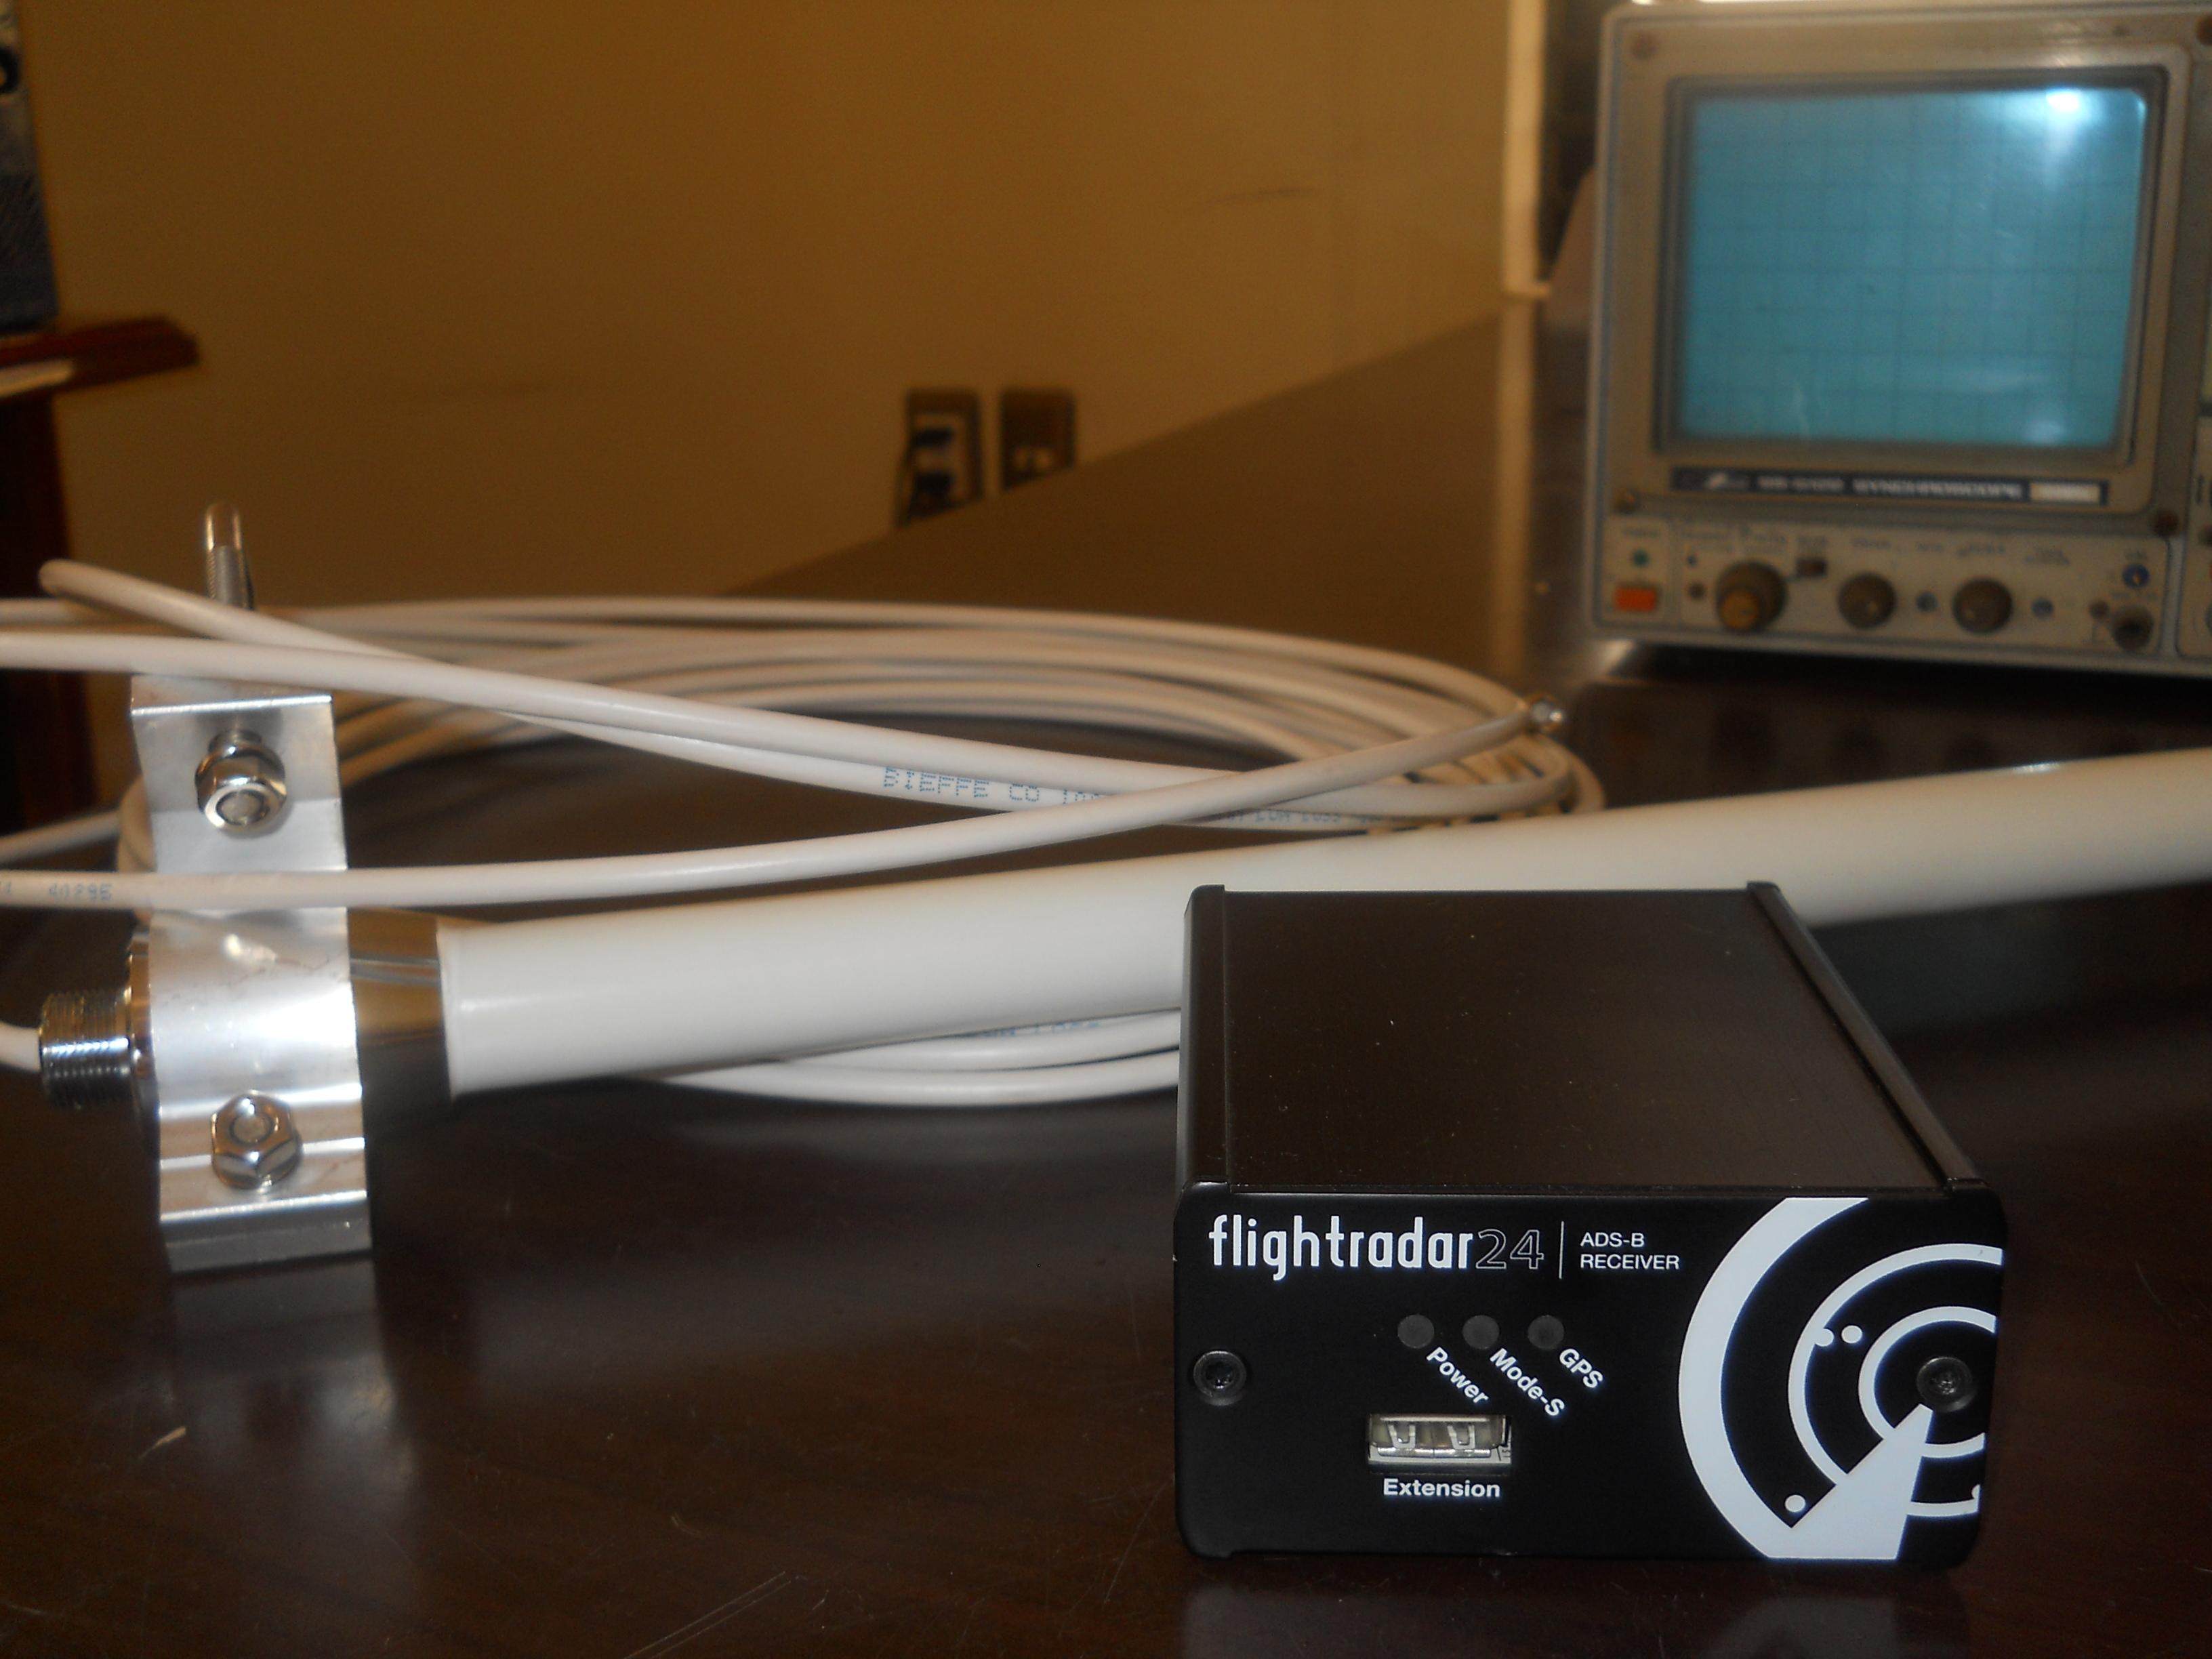 Kit récepteur antenne FlightRadar24